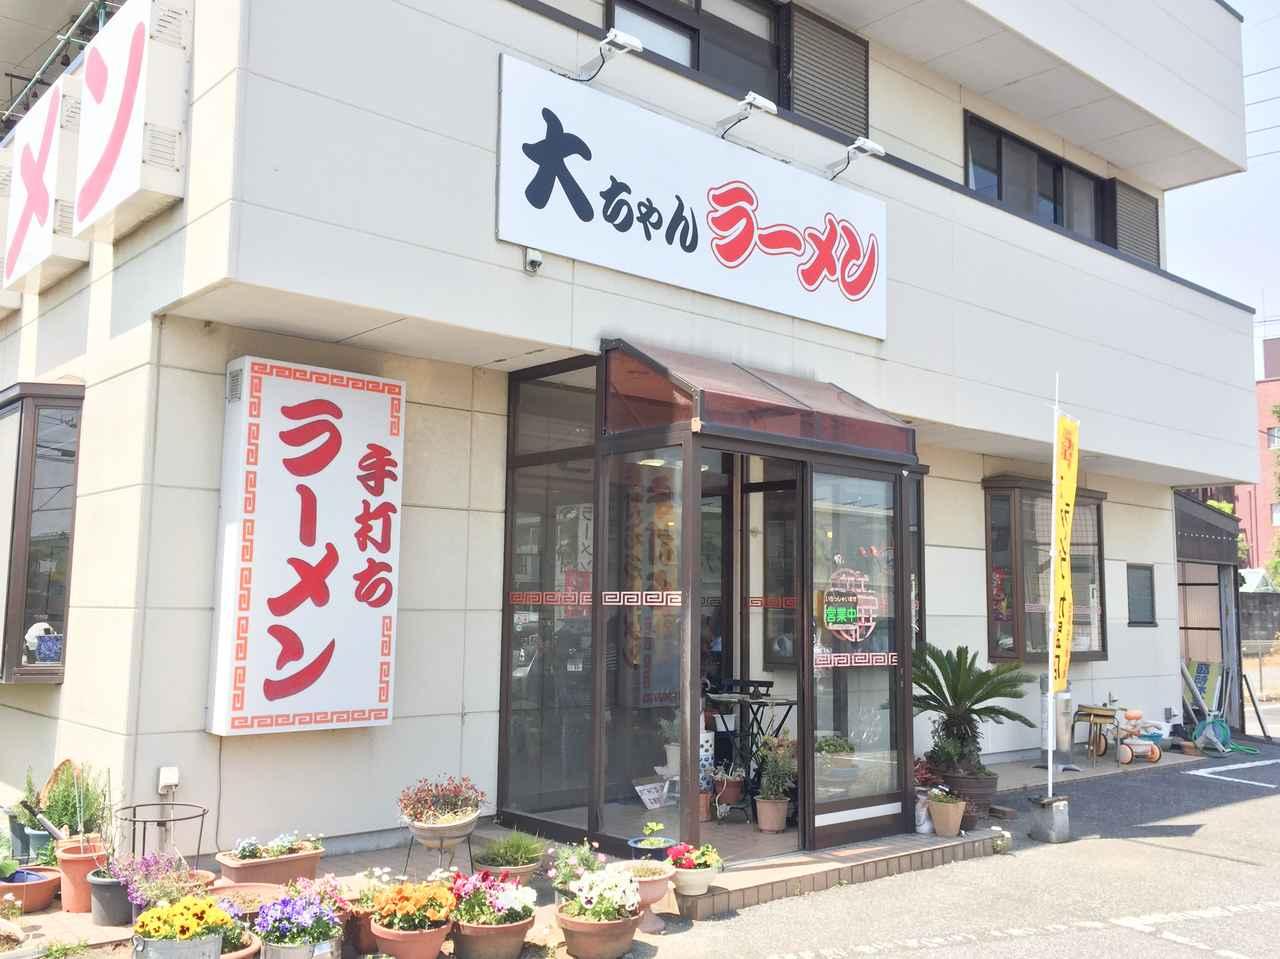 画像: 東北自動車道、佐野藤岡ICから約15分のところにある